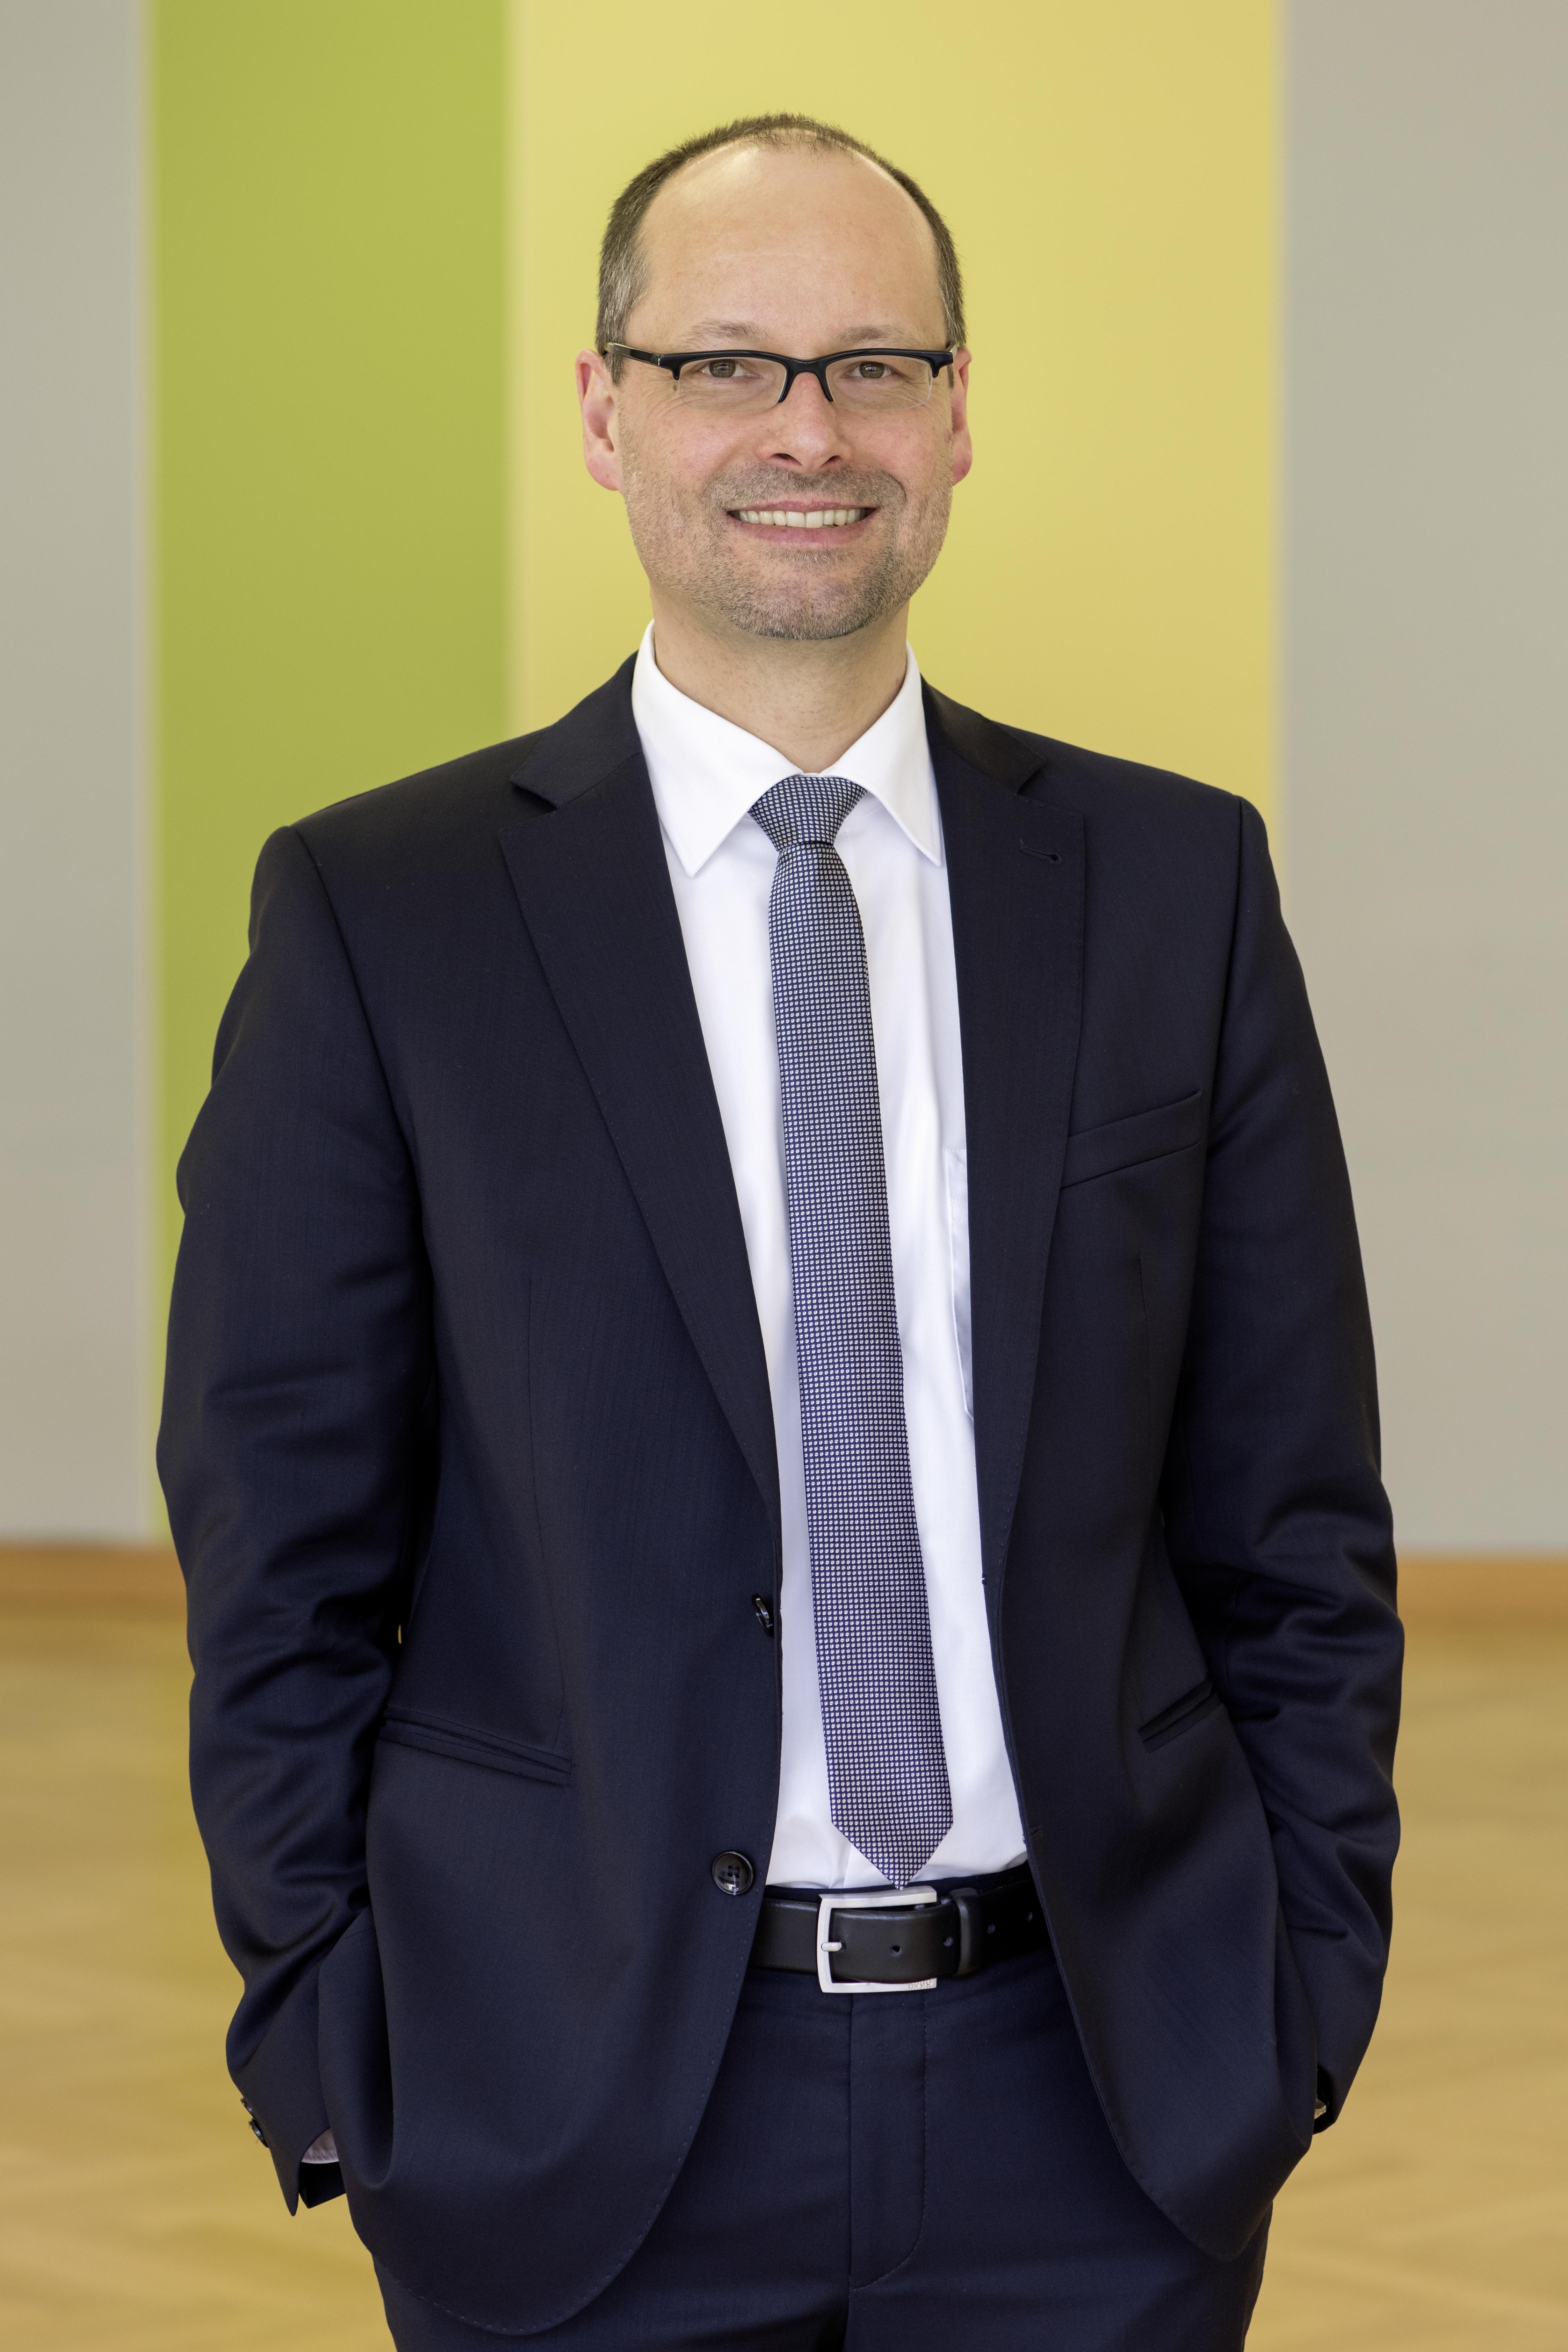 Rolf Baumann als kaufmännischer Vorstand verabschiedet Die